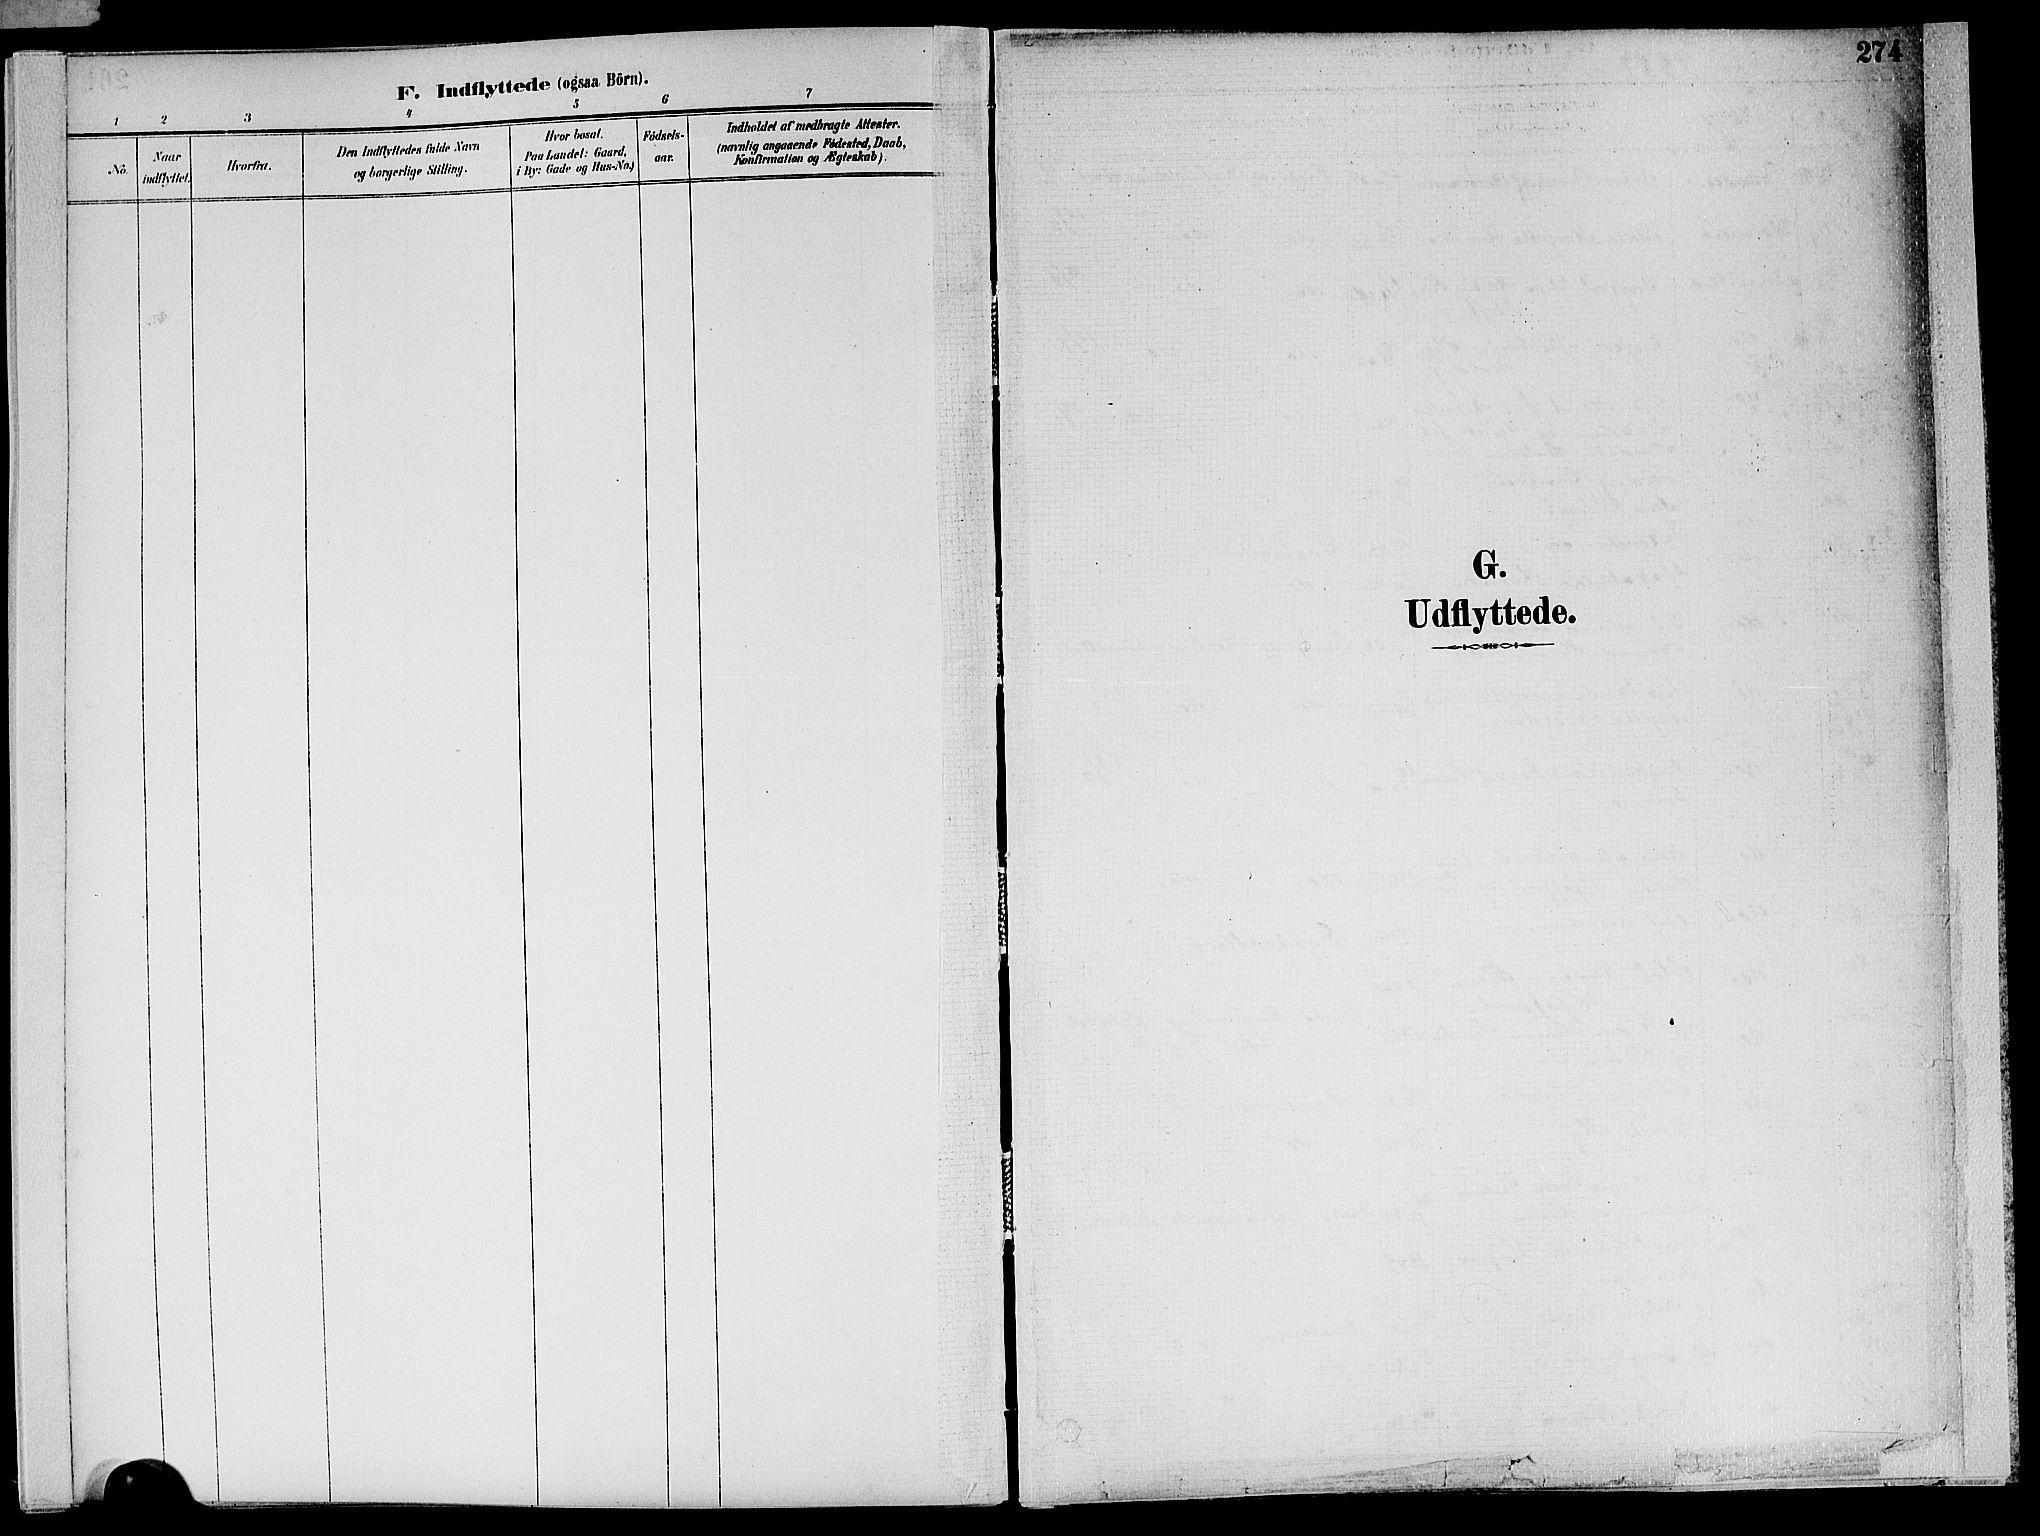 SAT, Ministerialprotokoller, klokkerbøker og fødselsregistre - Nord-Trøndelag, 773/L0617: Ministerialbok nr. 773A08, 1887-1910, s. 274